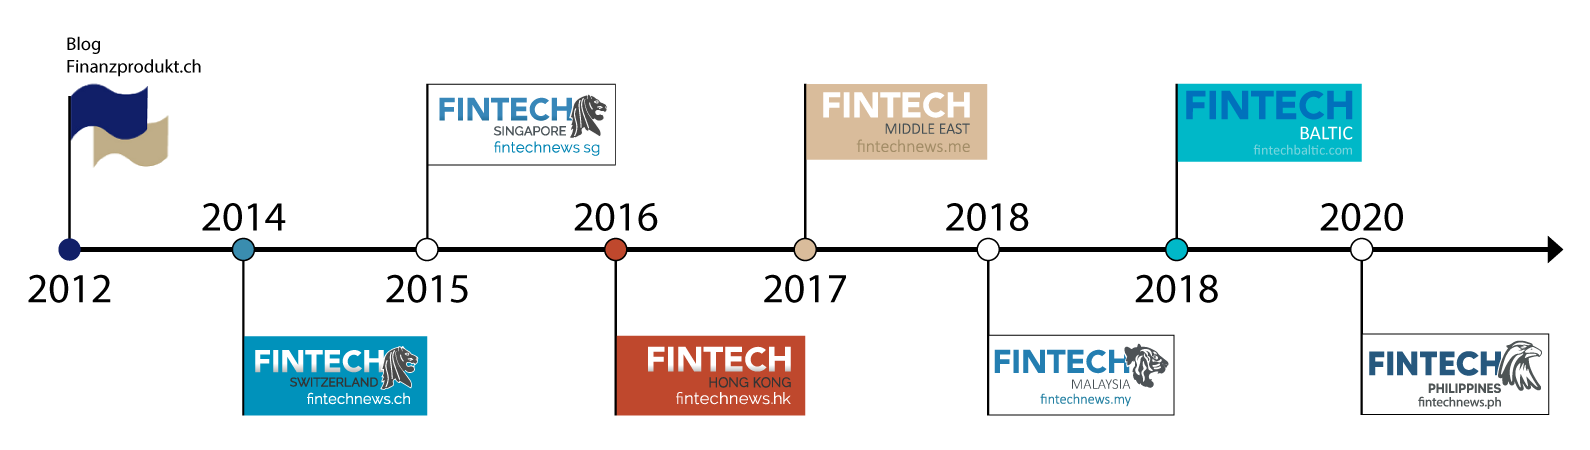 Fintech-News-Network-Timelines